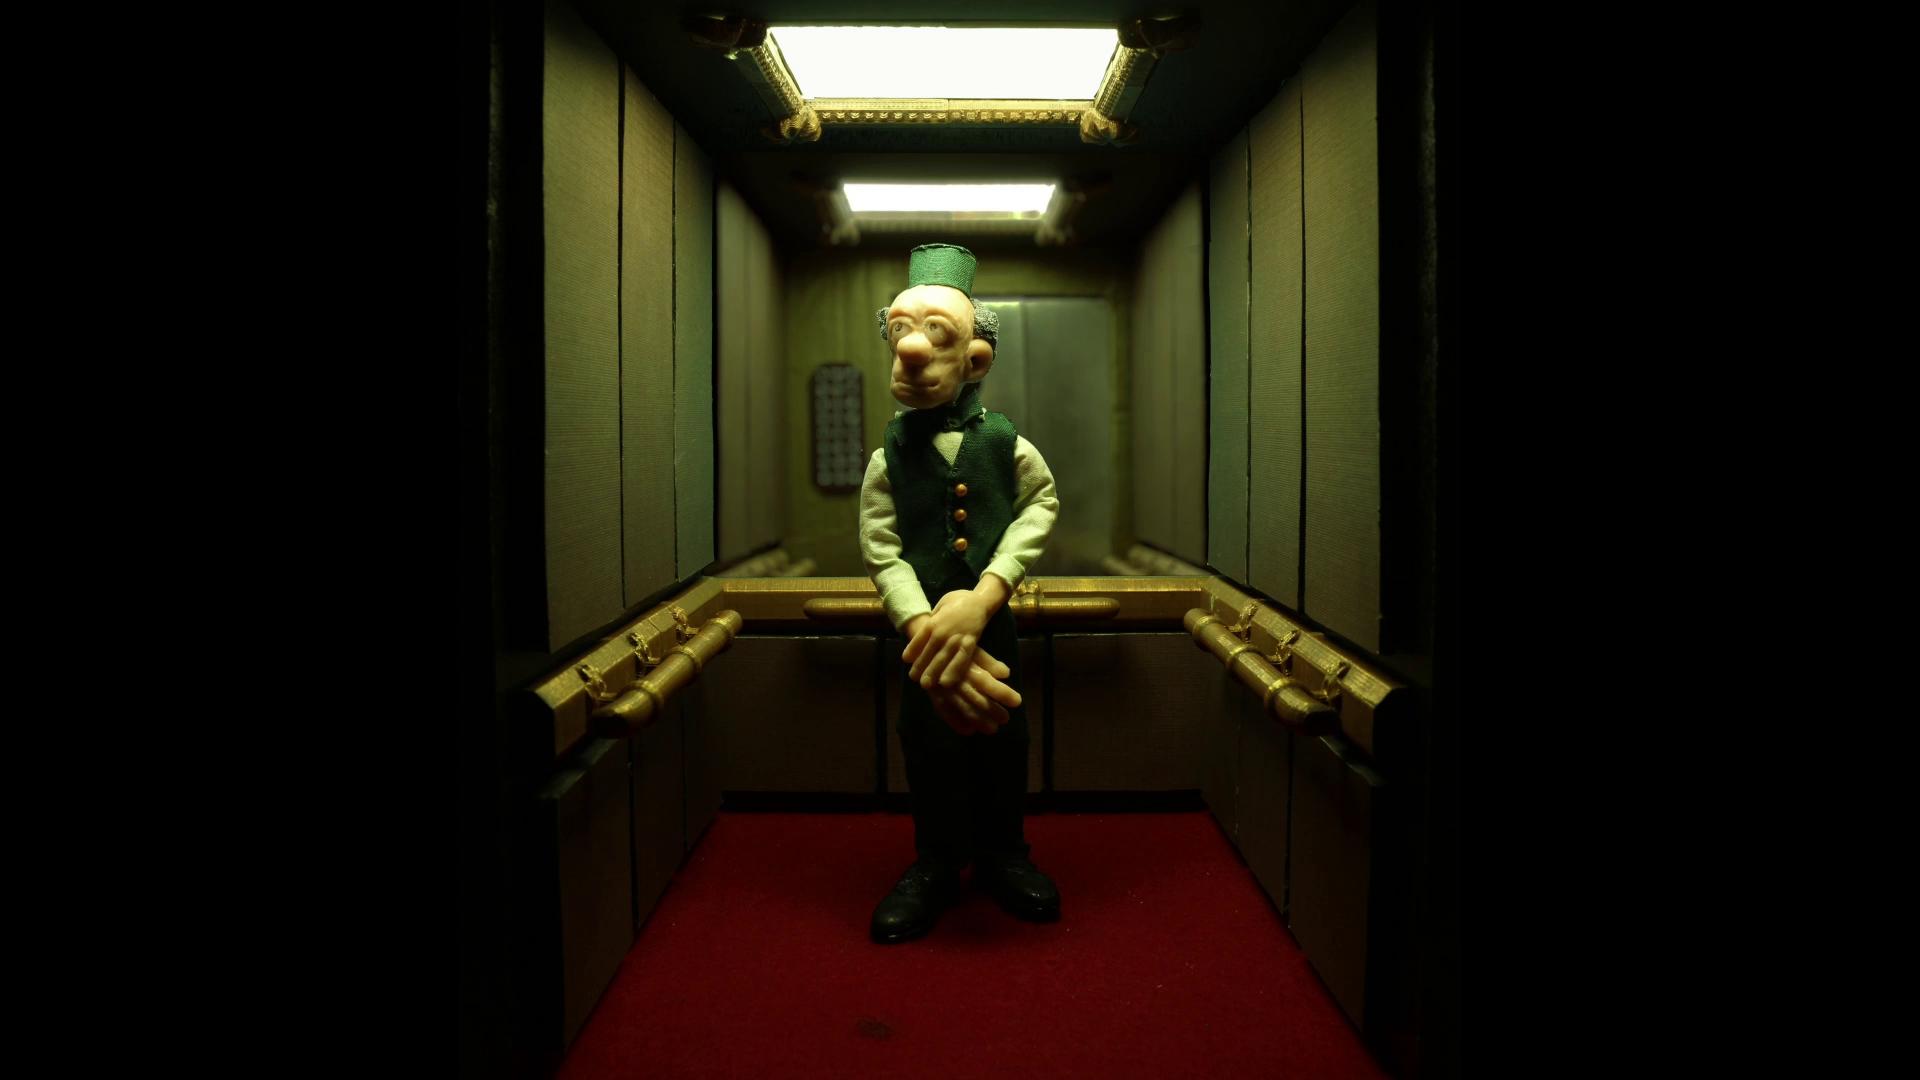 Elevator Madness - Still